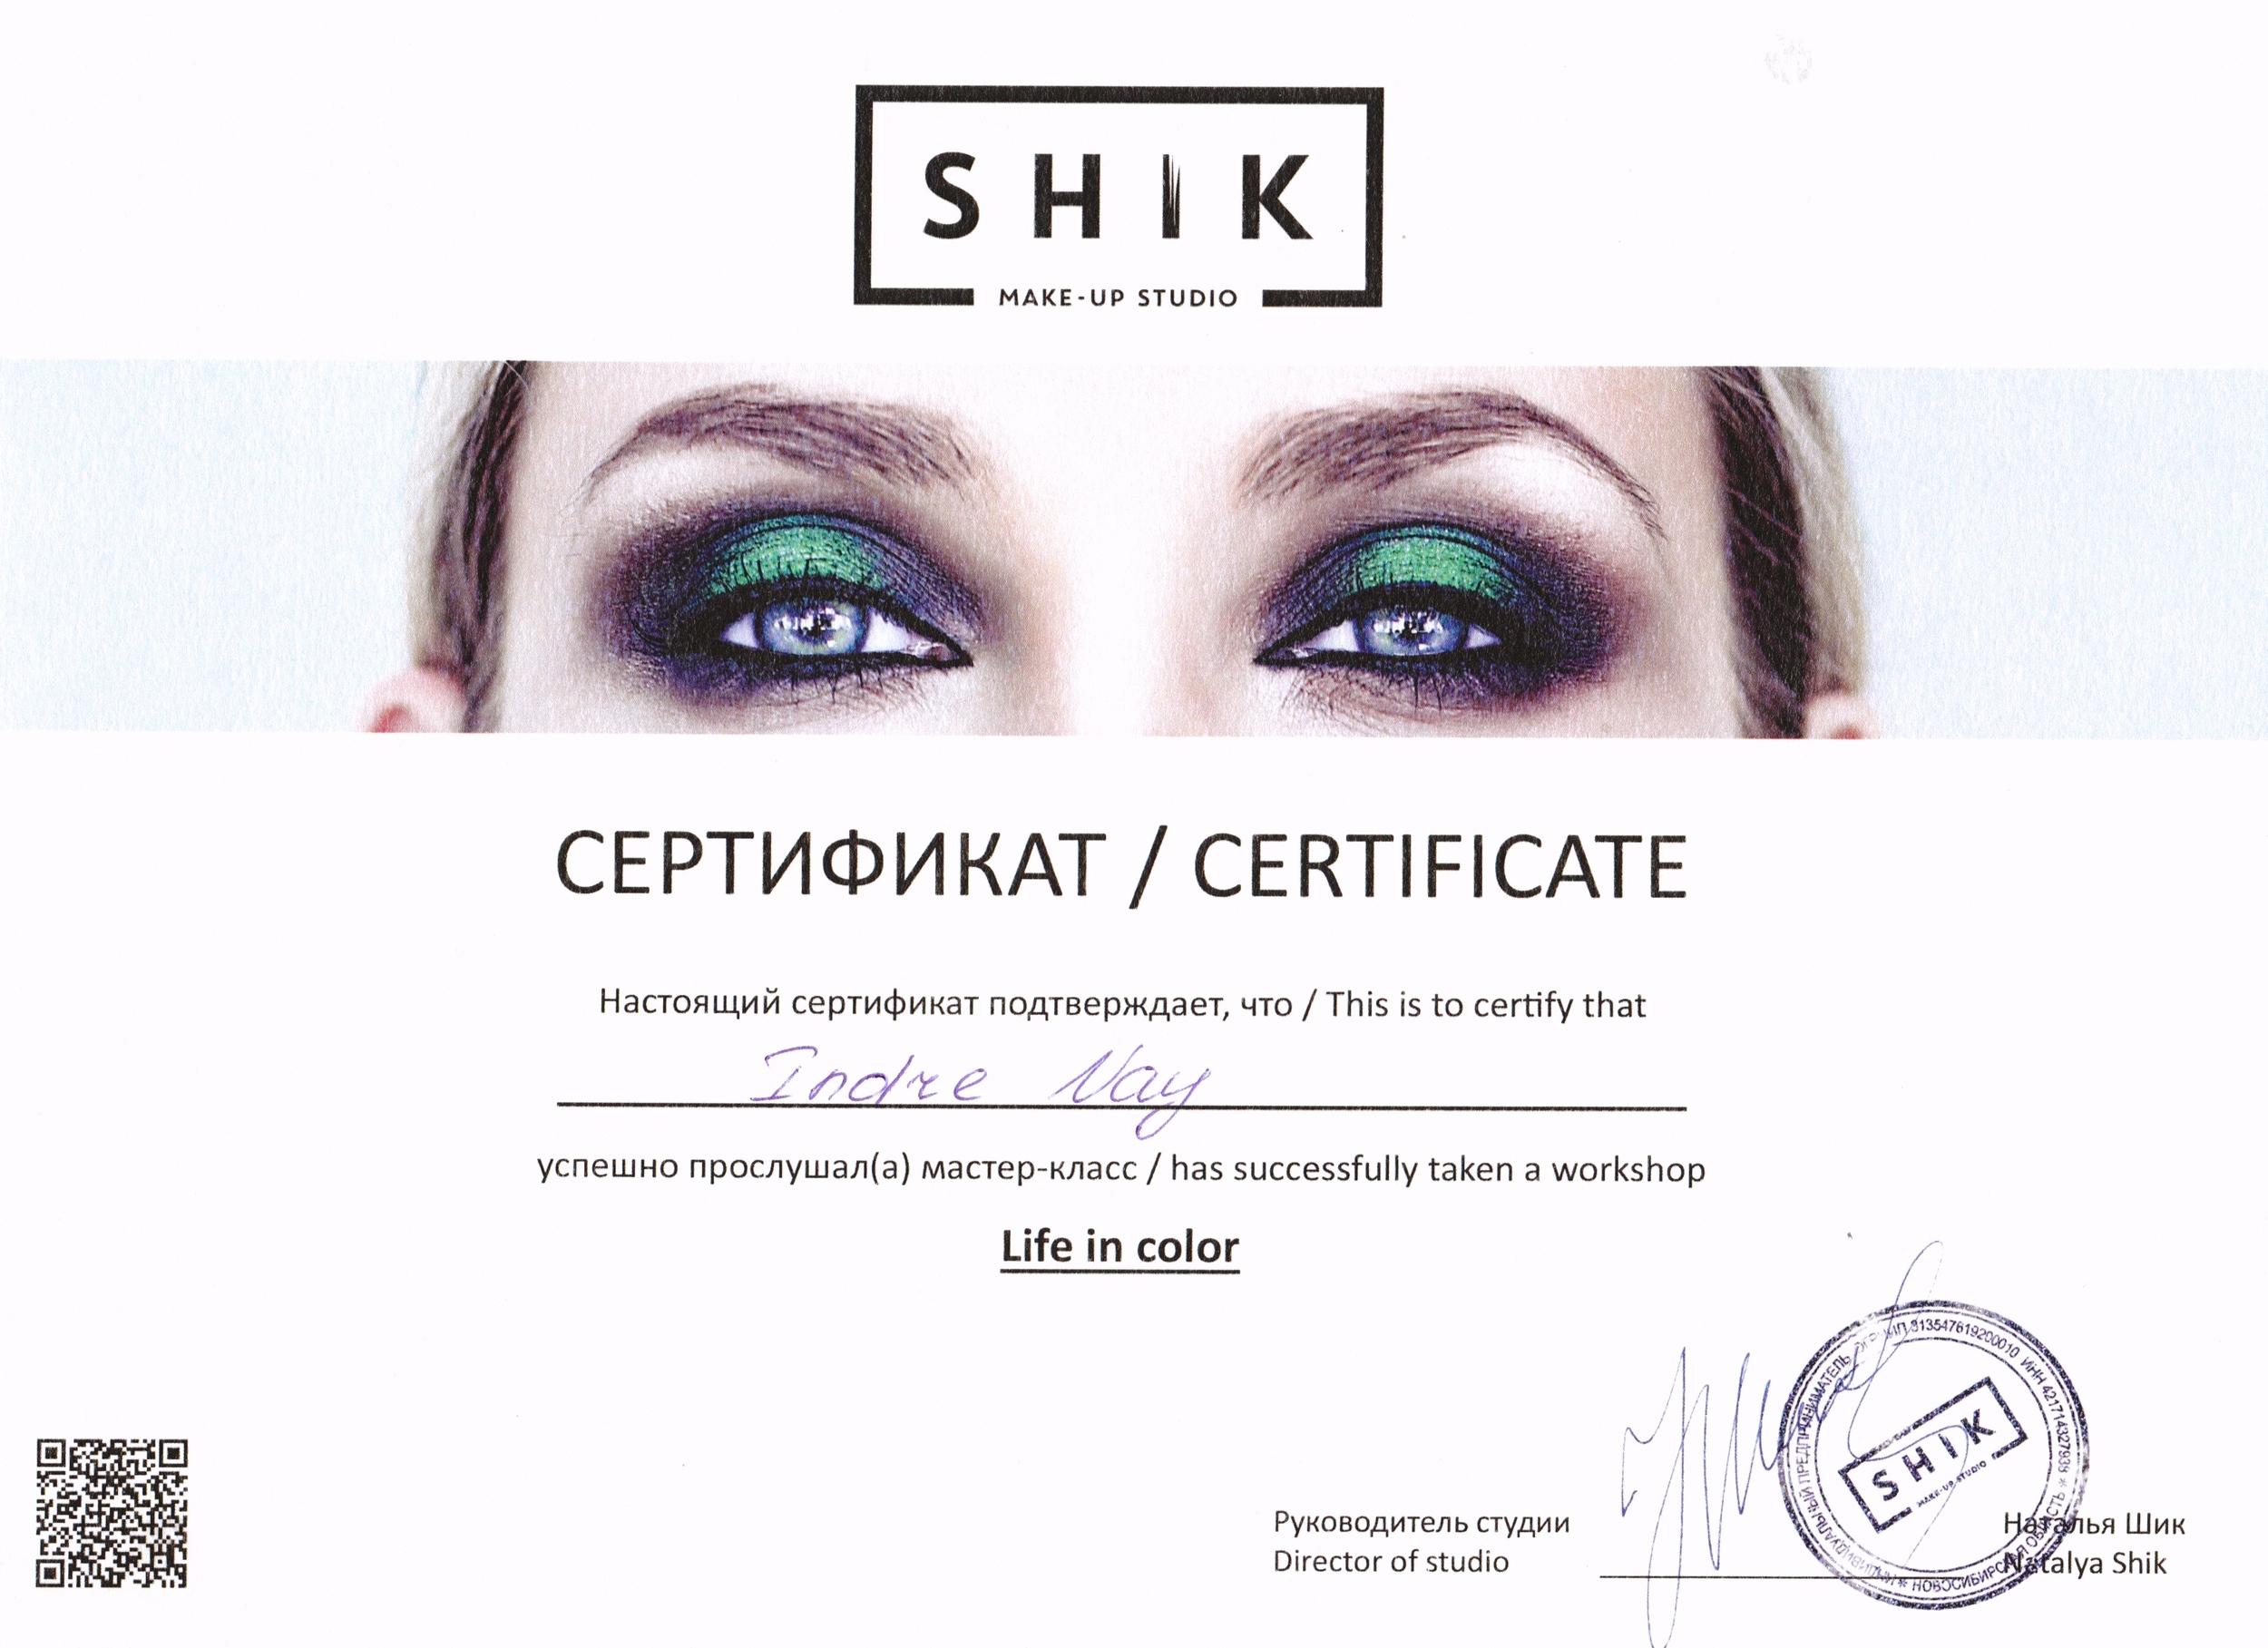 Shik_Fotor.jpg